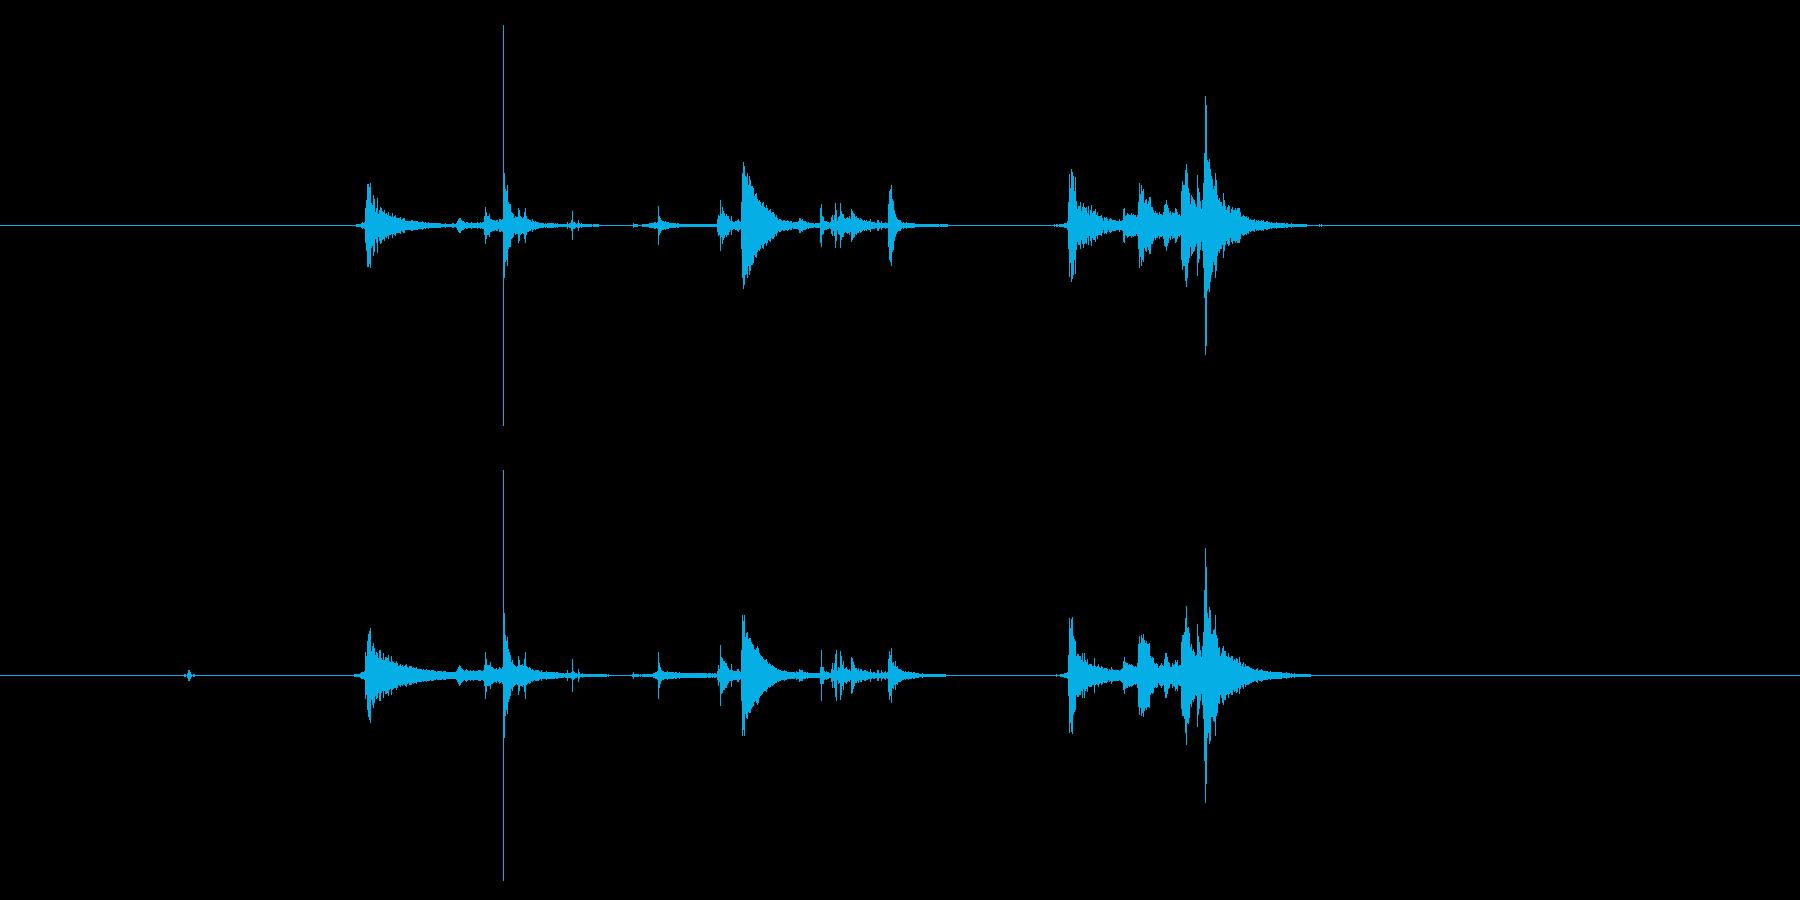 【録音】氷を入れる音の再生済みの波形